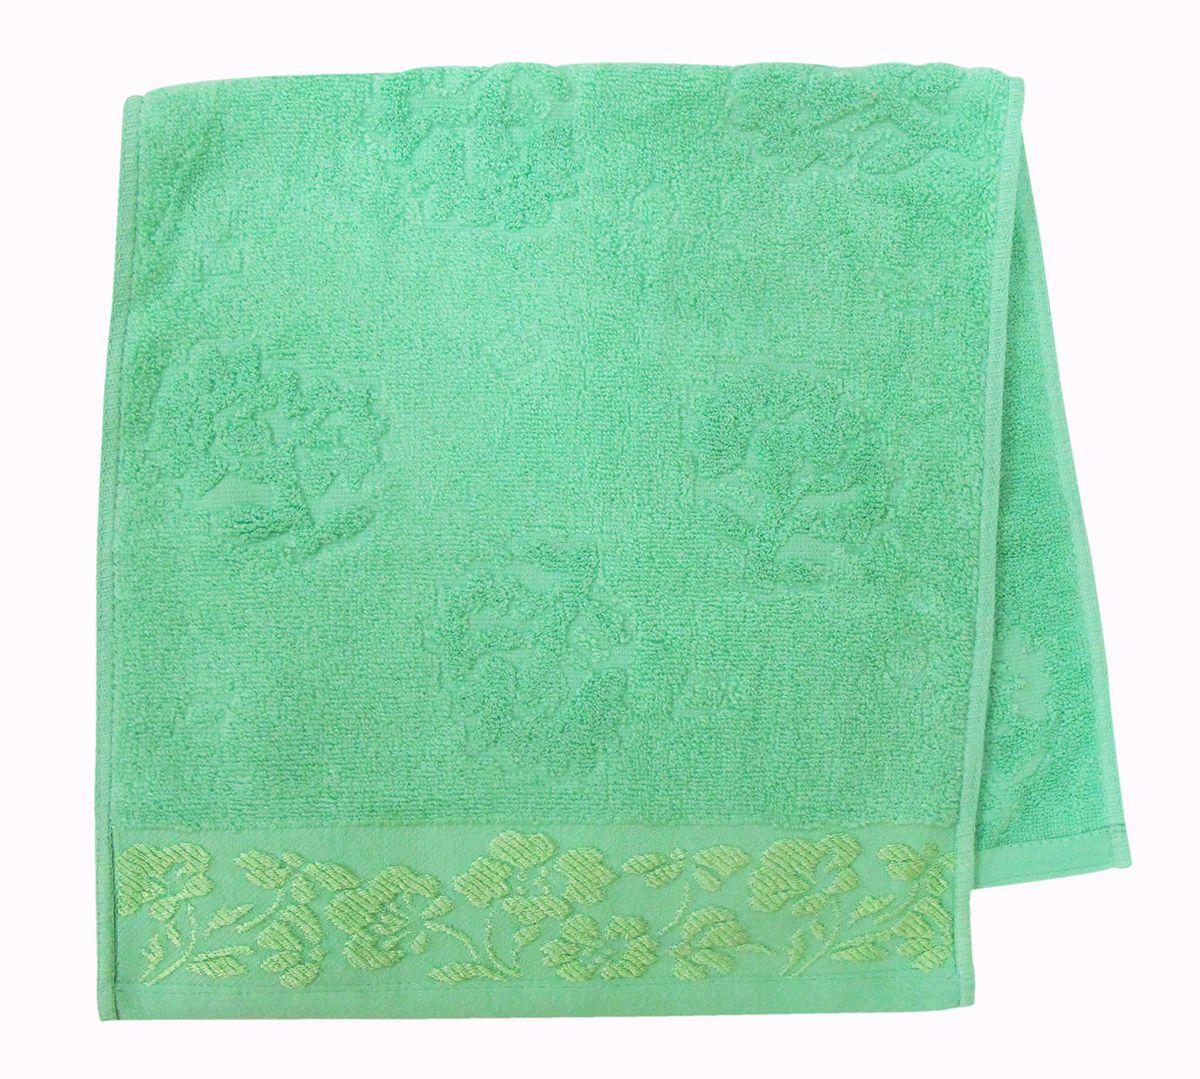 Полотенце махровое НВ Ромашка, цвет: зеленый, 33 х 70 см. м0177_03391602Полотенце НВ Ромашка выполнено из натуральной махровой ткани (100% хлопок). Изделие отлично впитывает влагу, быстро сохнет, сохраняет яркость цвета и не теряет форму даже после многократных стирок. Полотенце очень практично и неприхотливо в уходе. Оно станет достойным выбором для вас и приятным подарком вашим близким.